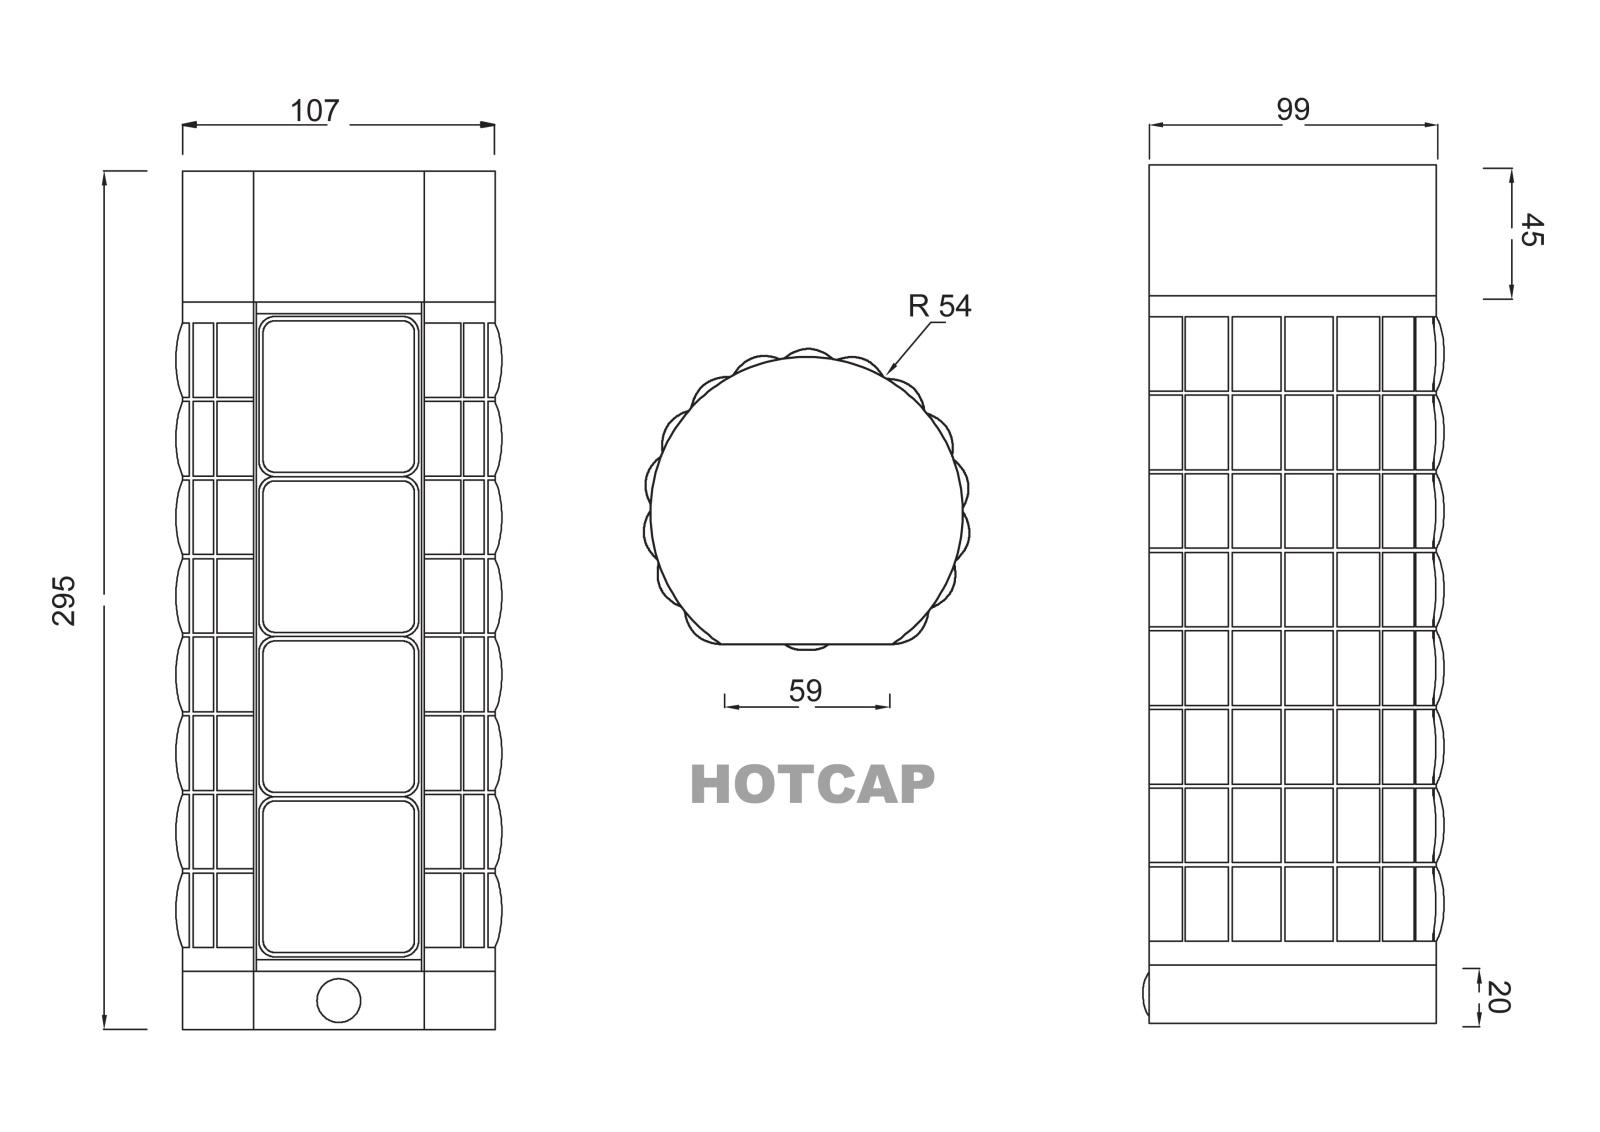 Hot Cap - Hot cap è un thermos che grazie ad un particolare sistema interno permette di riscaldare il contenuto dello stesso; é formato da pannelli fotovoltaici collegati a batterie ricaricabili, che riscaldano un resistenza.